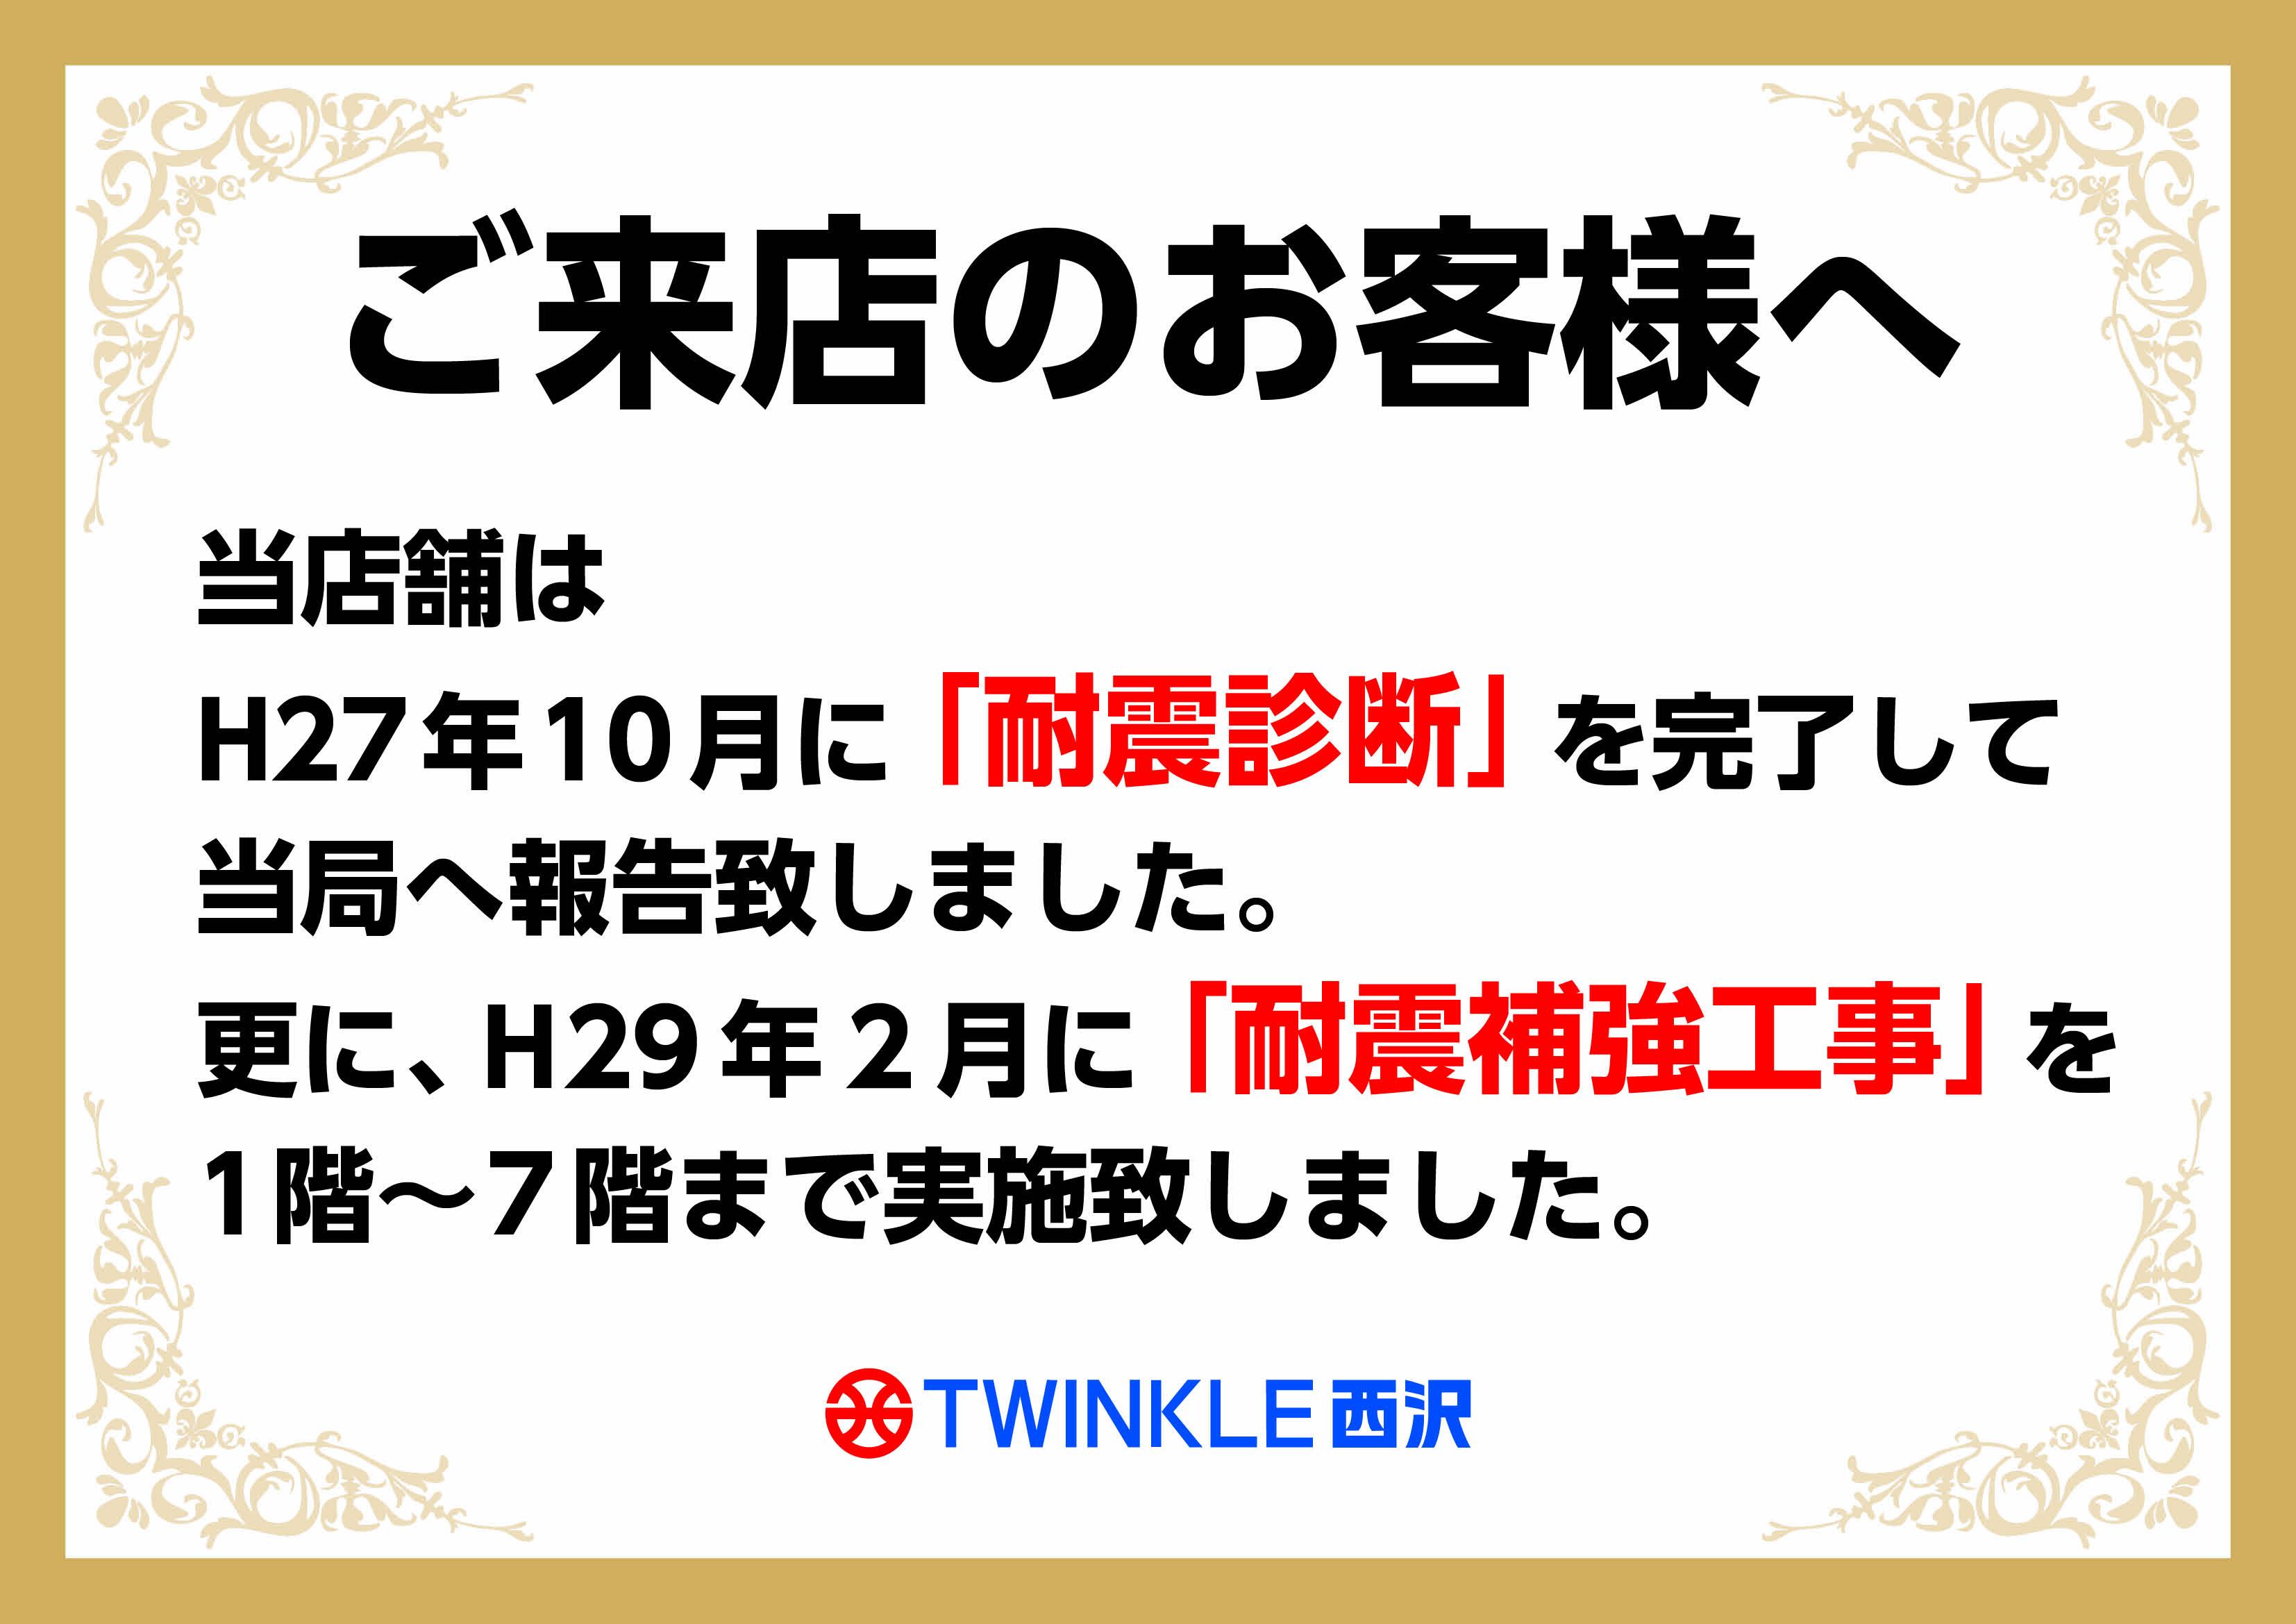 西沢本店様_耐震診断完了のお知らせPOP